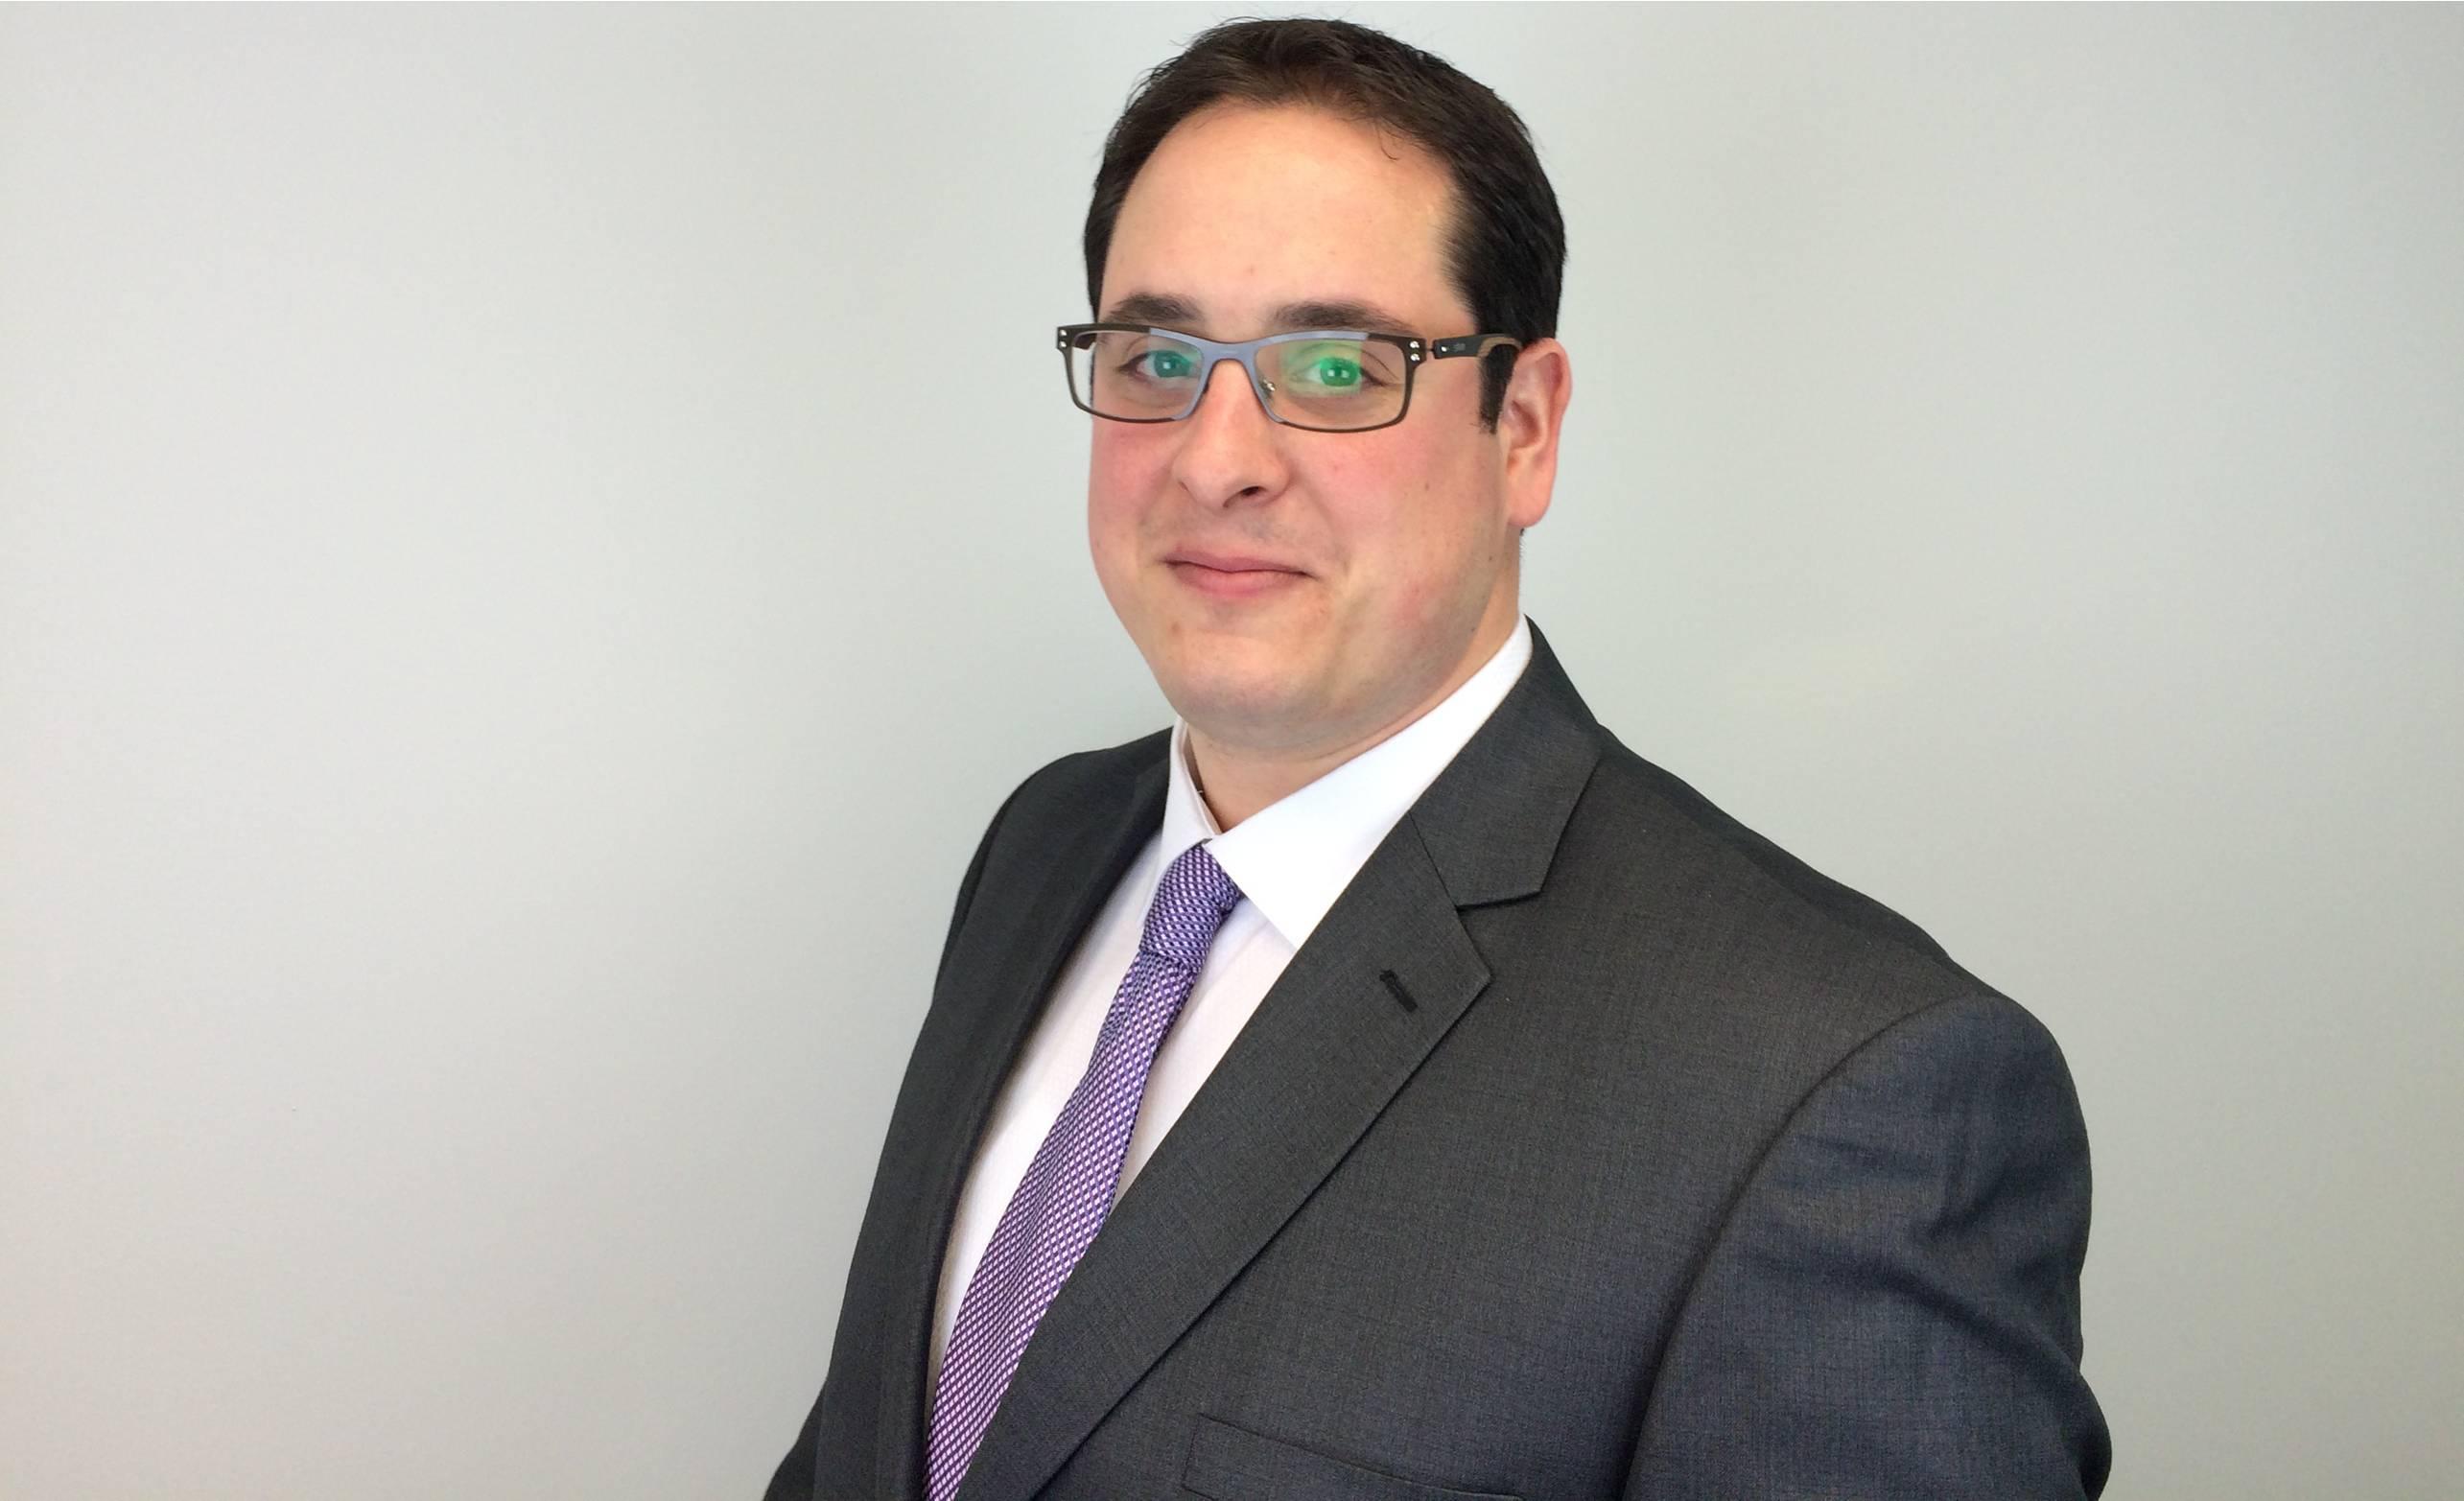 Ramzi Sfeir, candidat aux primaires sénatoriales socialistes et combattant pour l'immigration